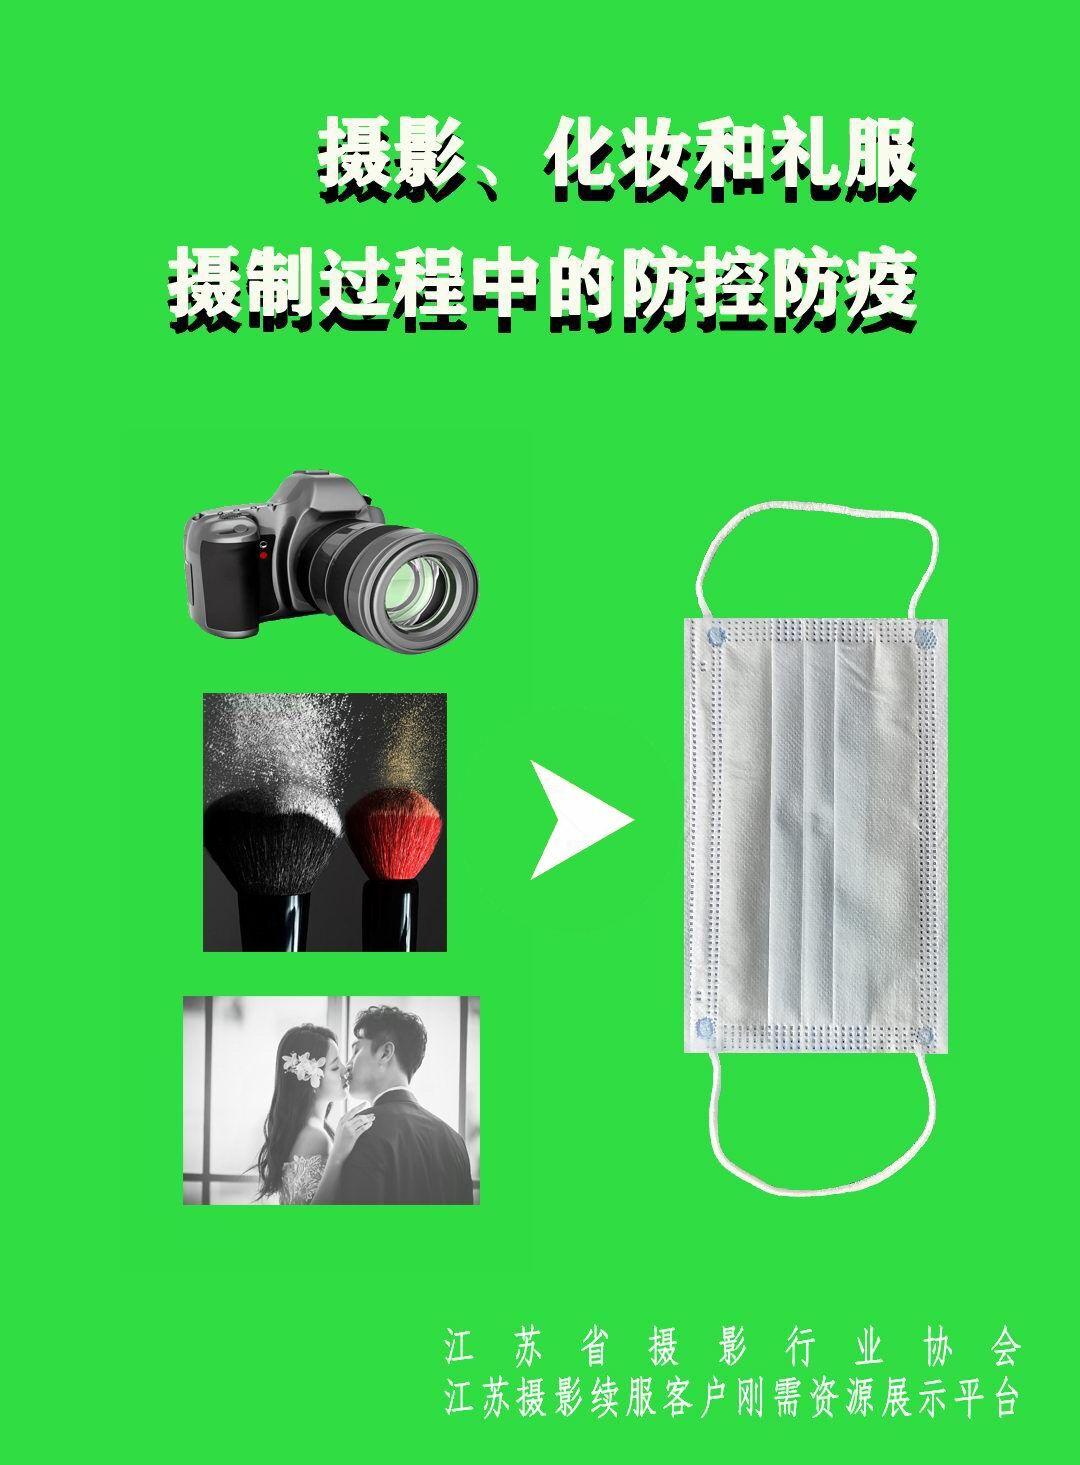 江苏省摄影行业协会关于进一步加强安全生产工作的紧急通知